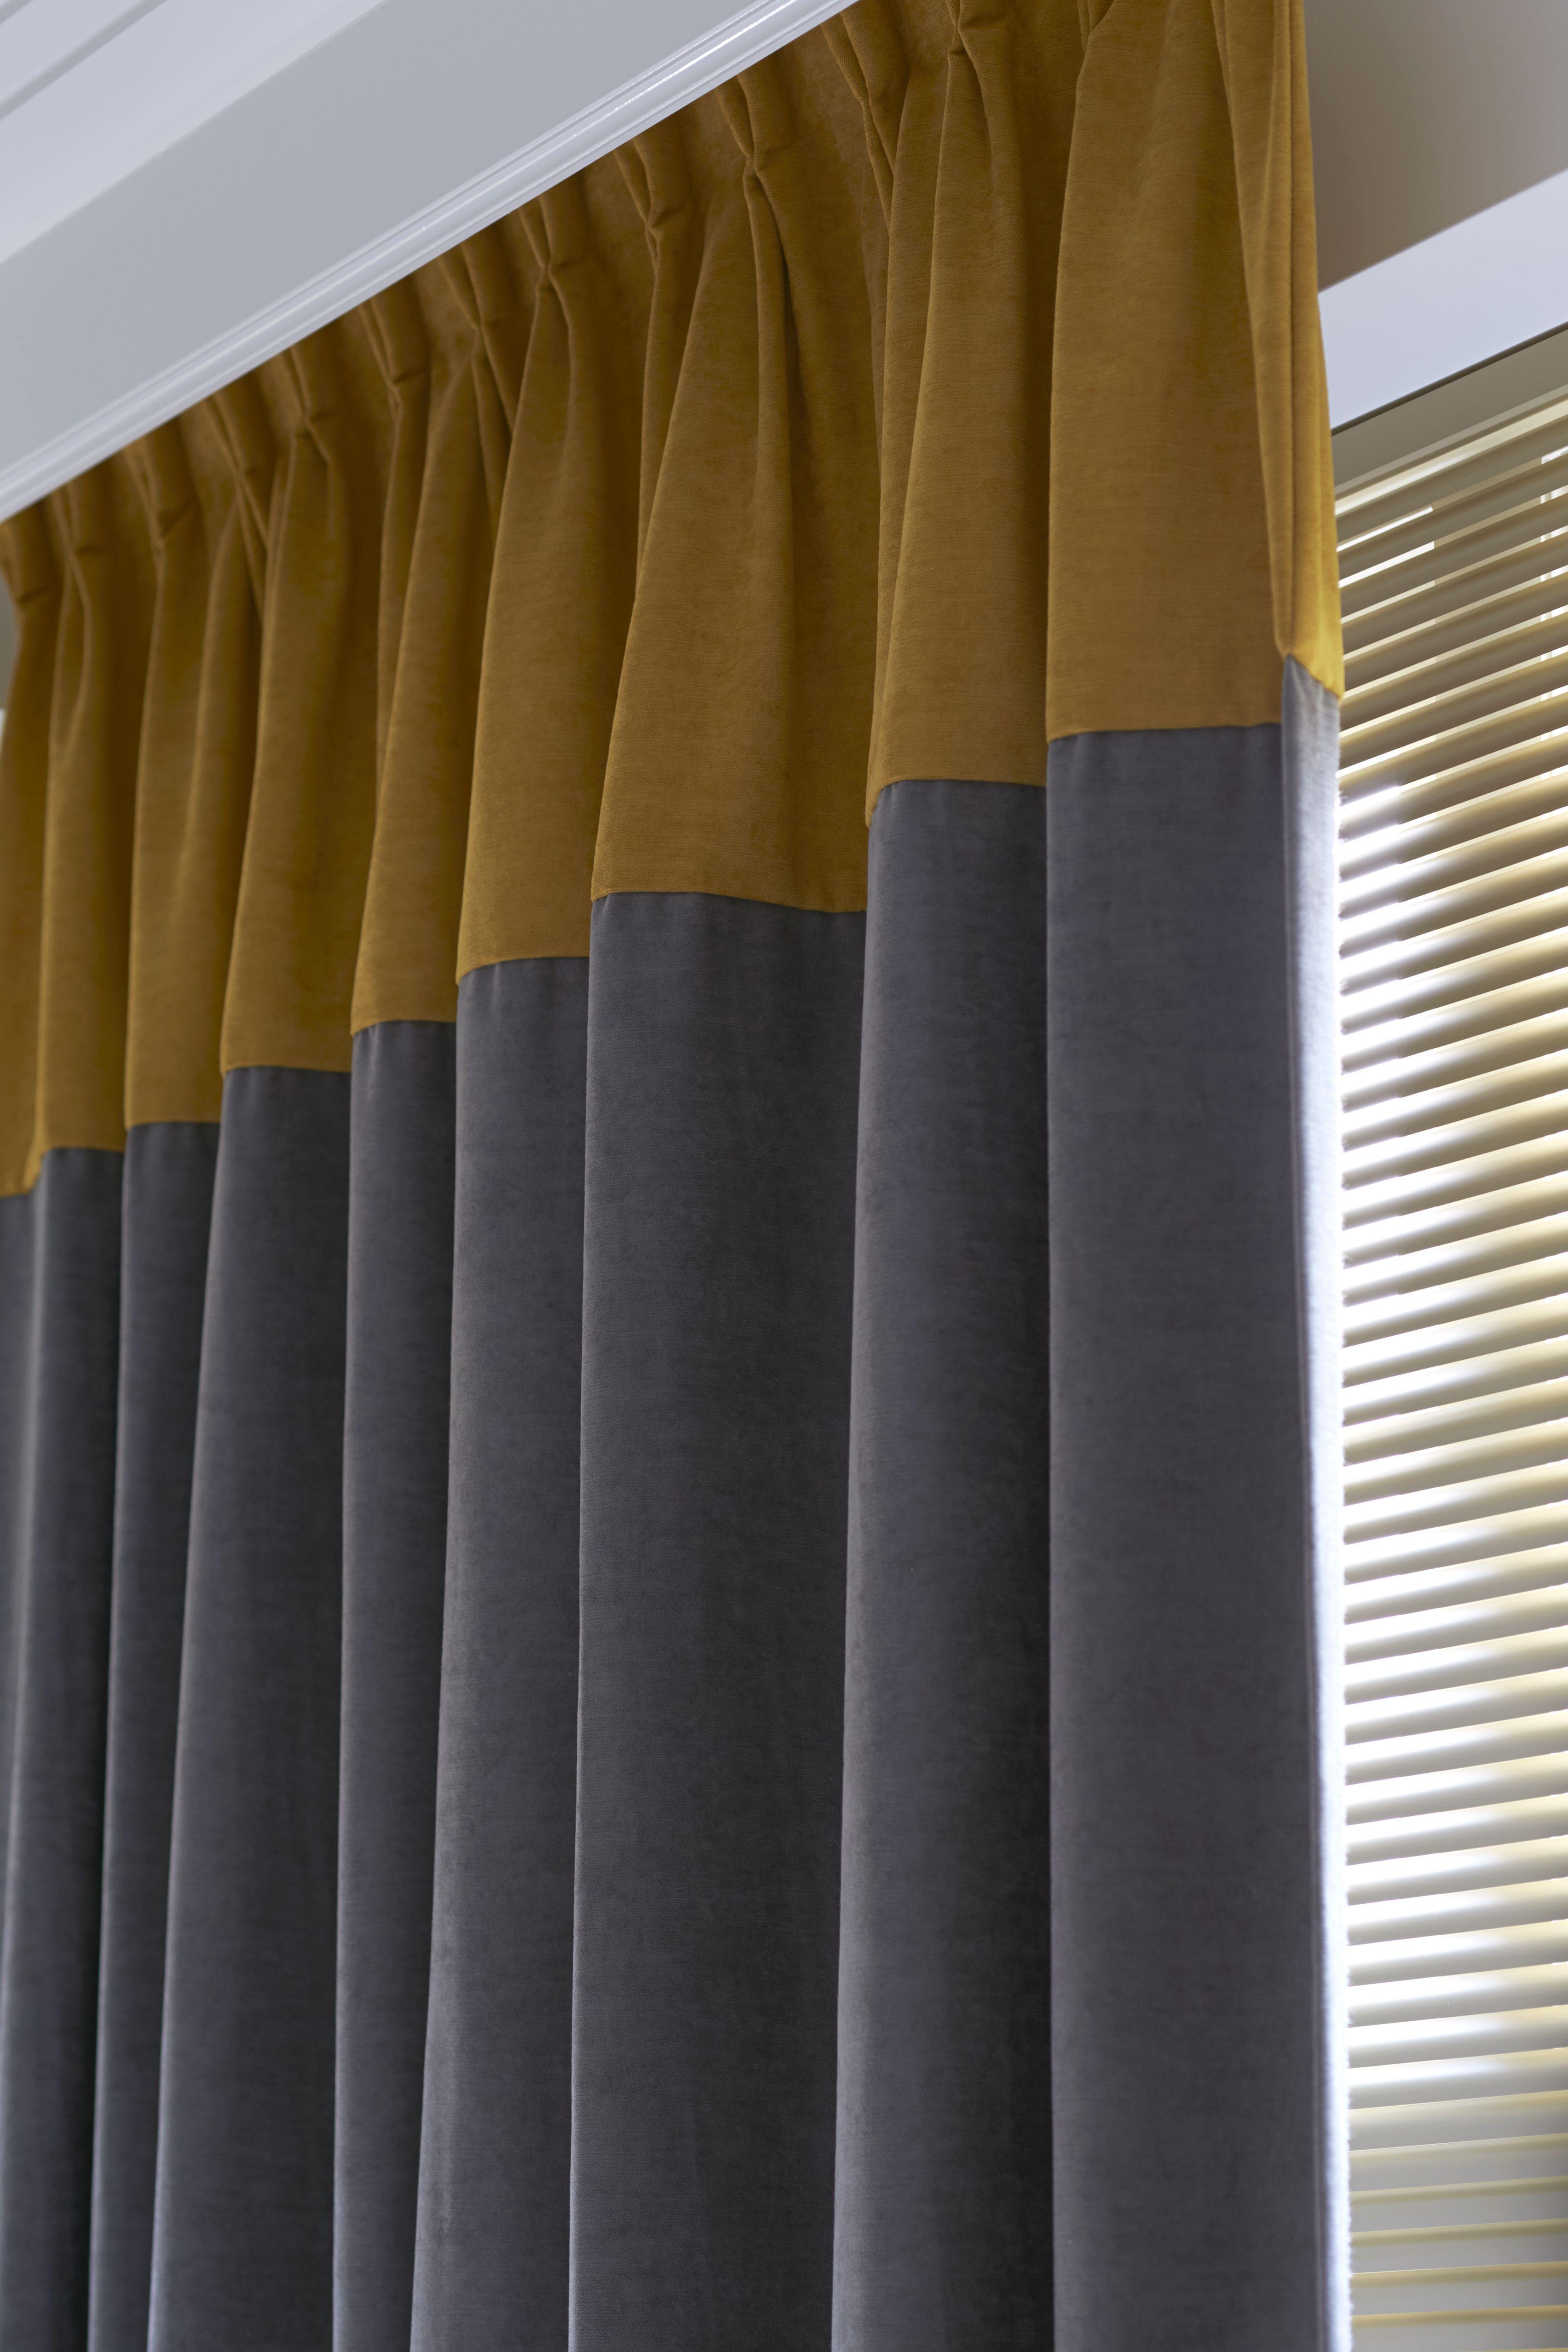 rideau et voilage sur mesure par store direct fr mesure et installation gratuites storeinterieur rideau voila rideaux decoration rideaux salon beaux rideaux